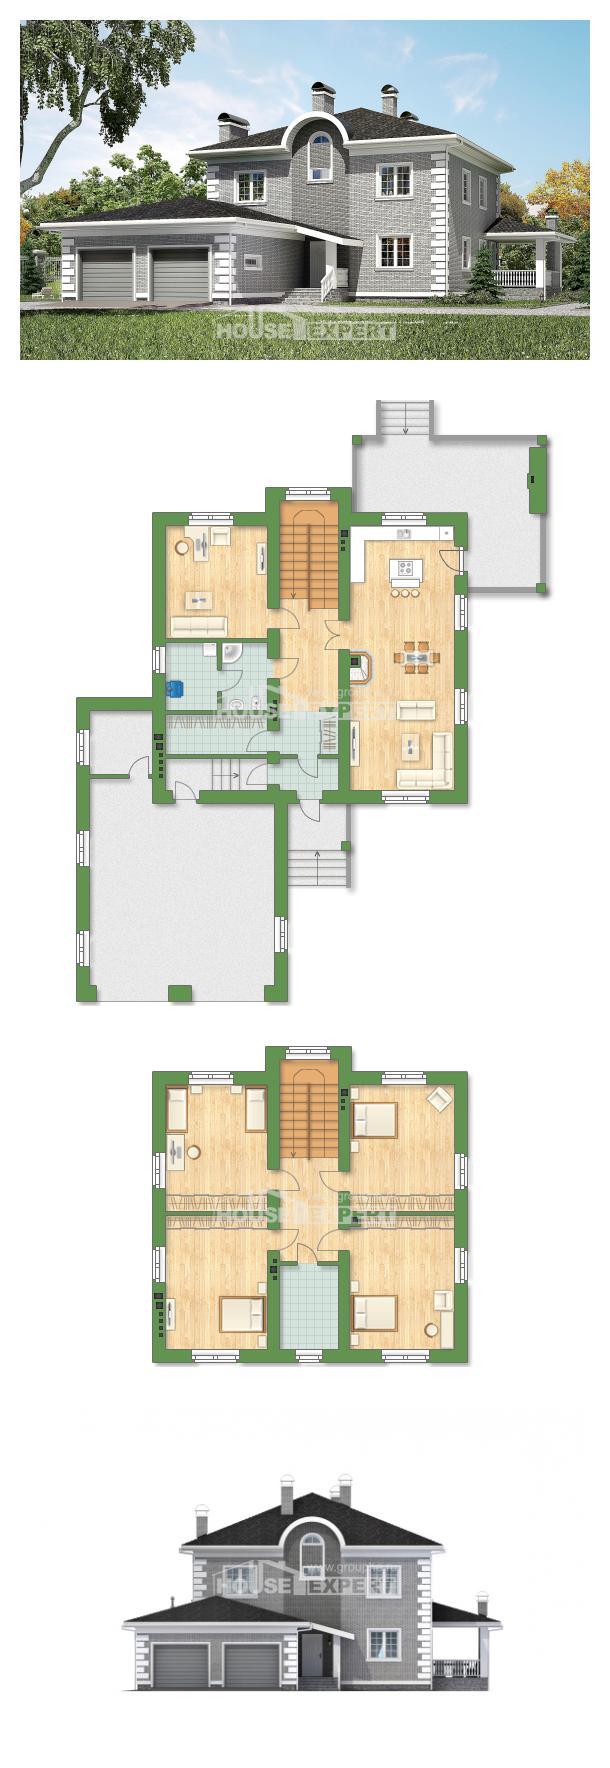 Plan 245-004-L   House Expert